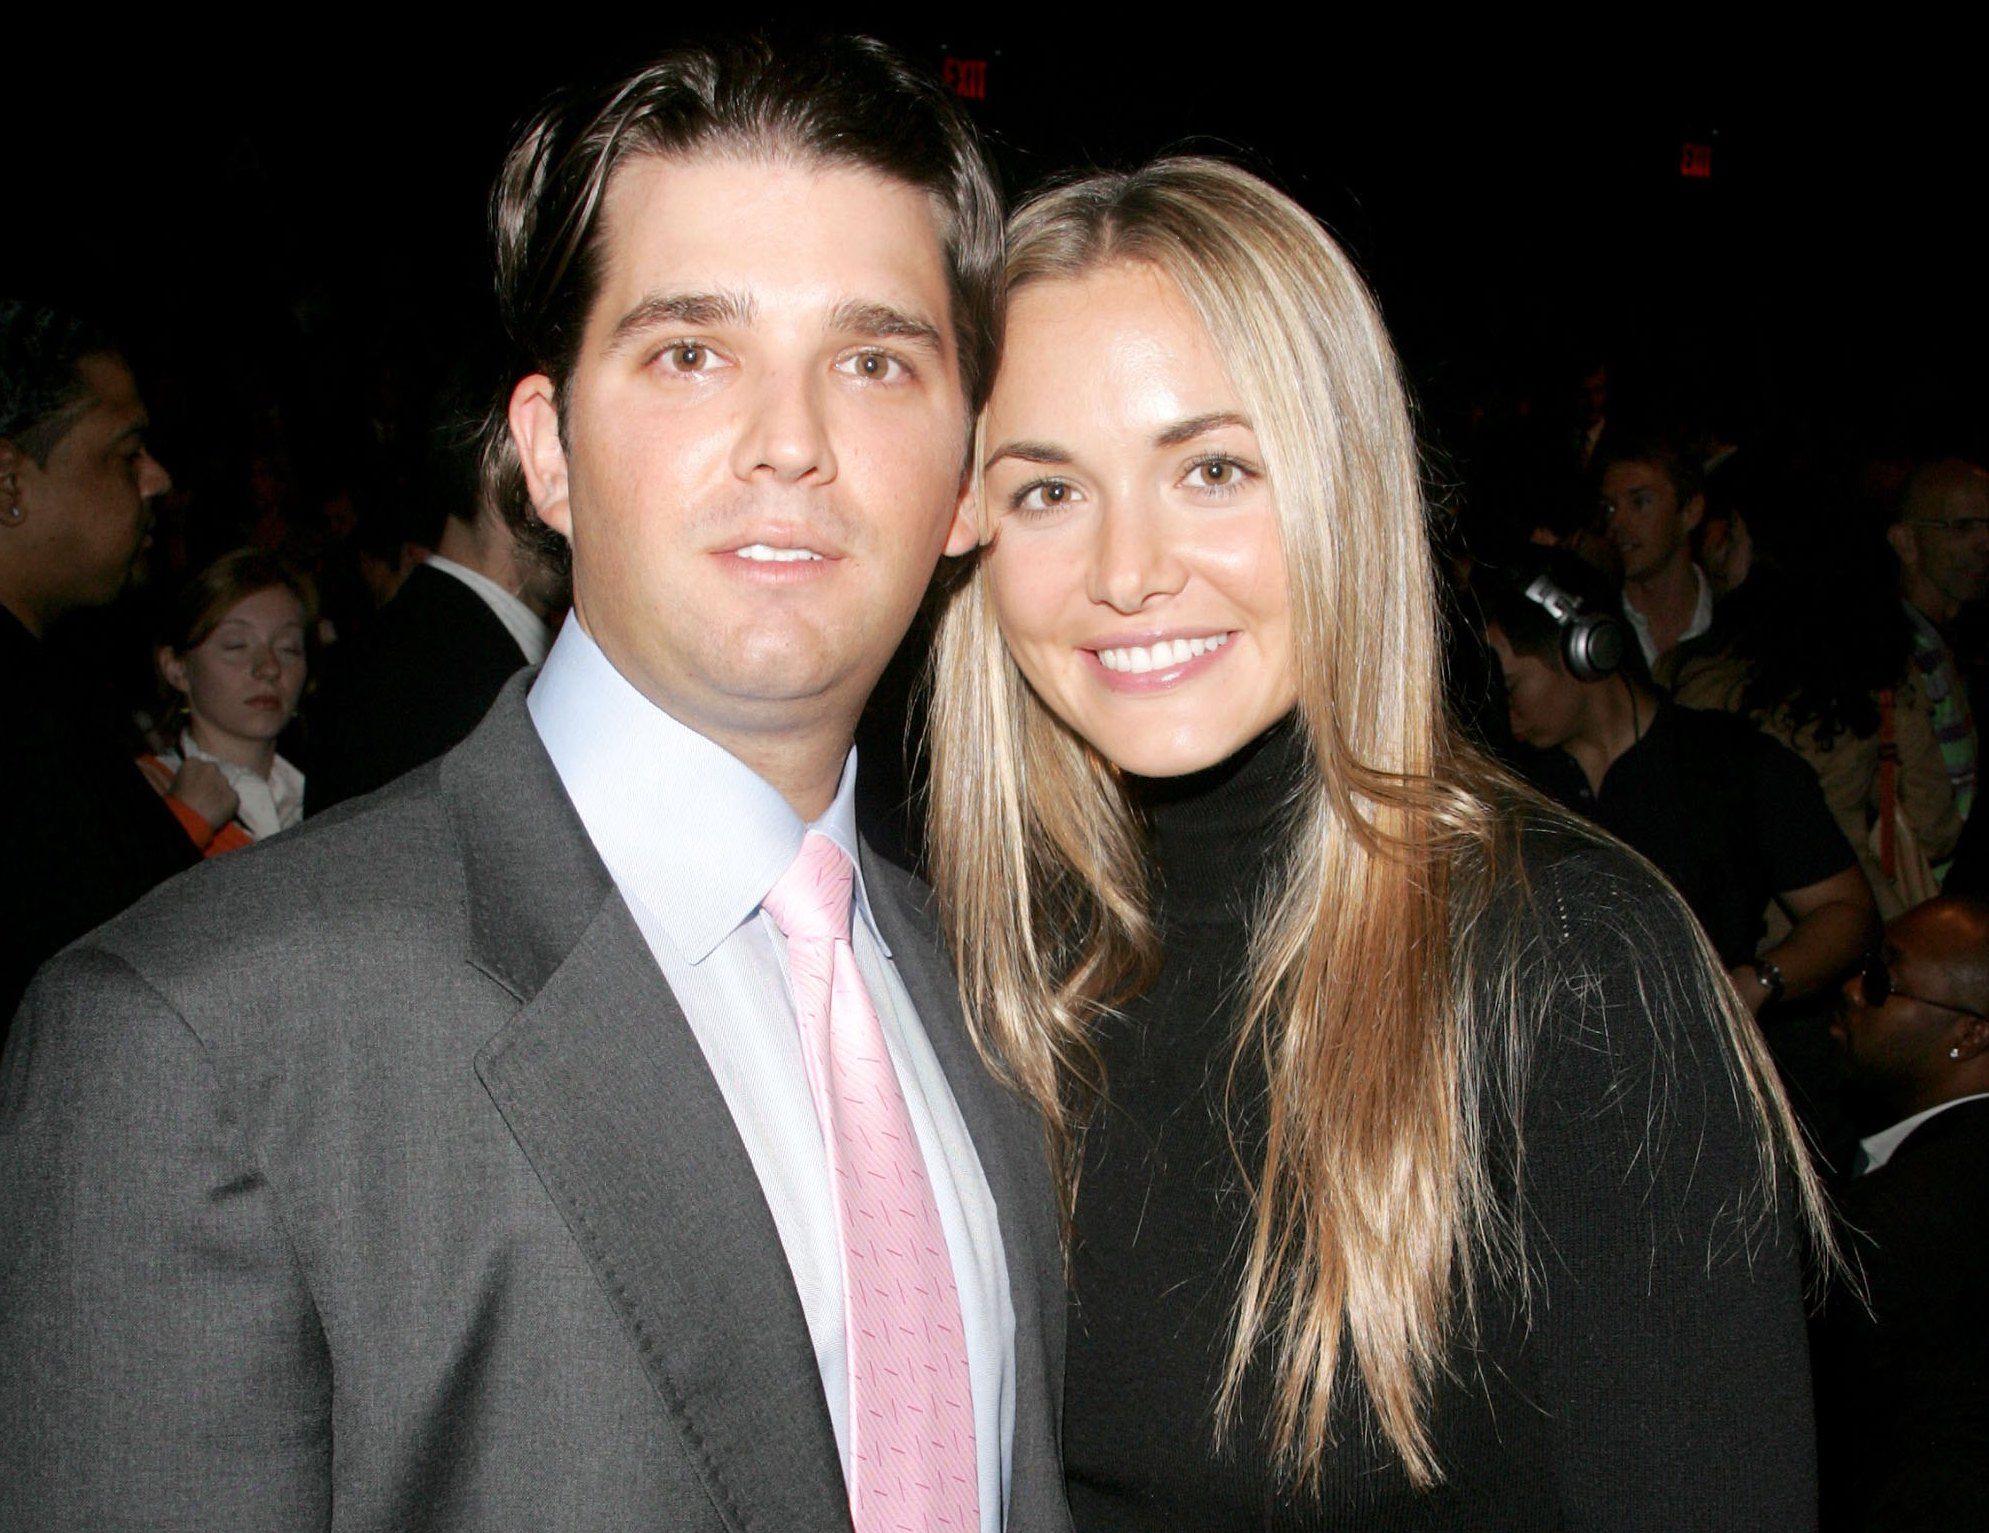 Donald Trump Jr. and Vanessa Trump